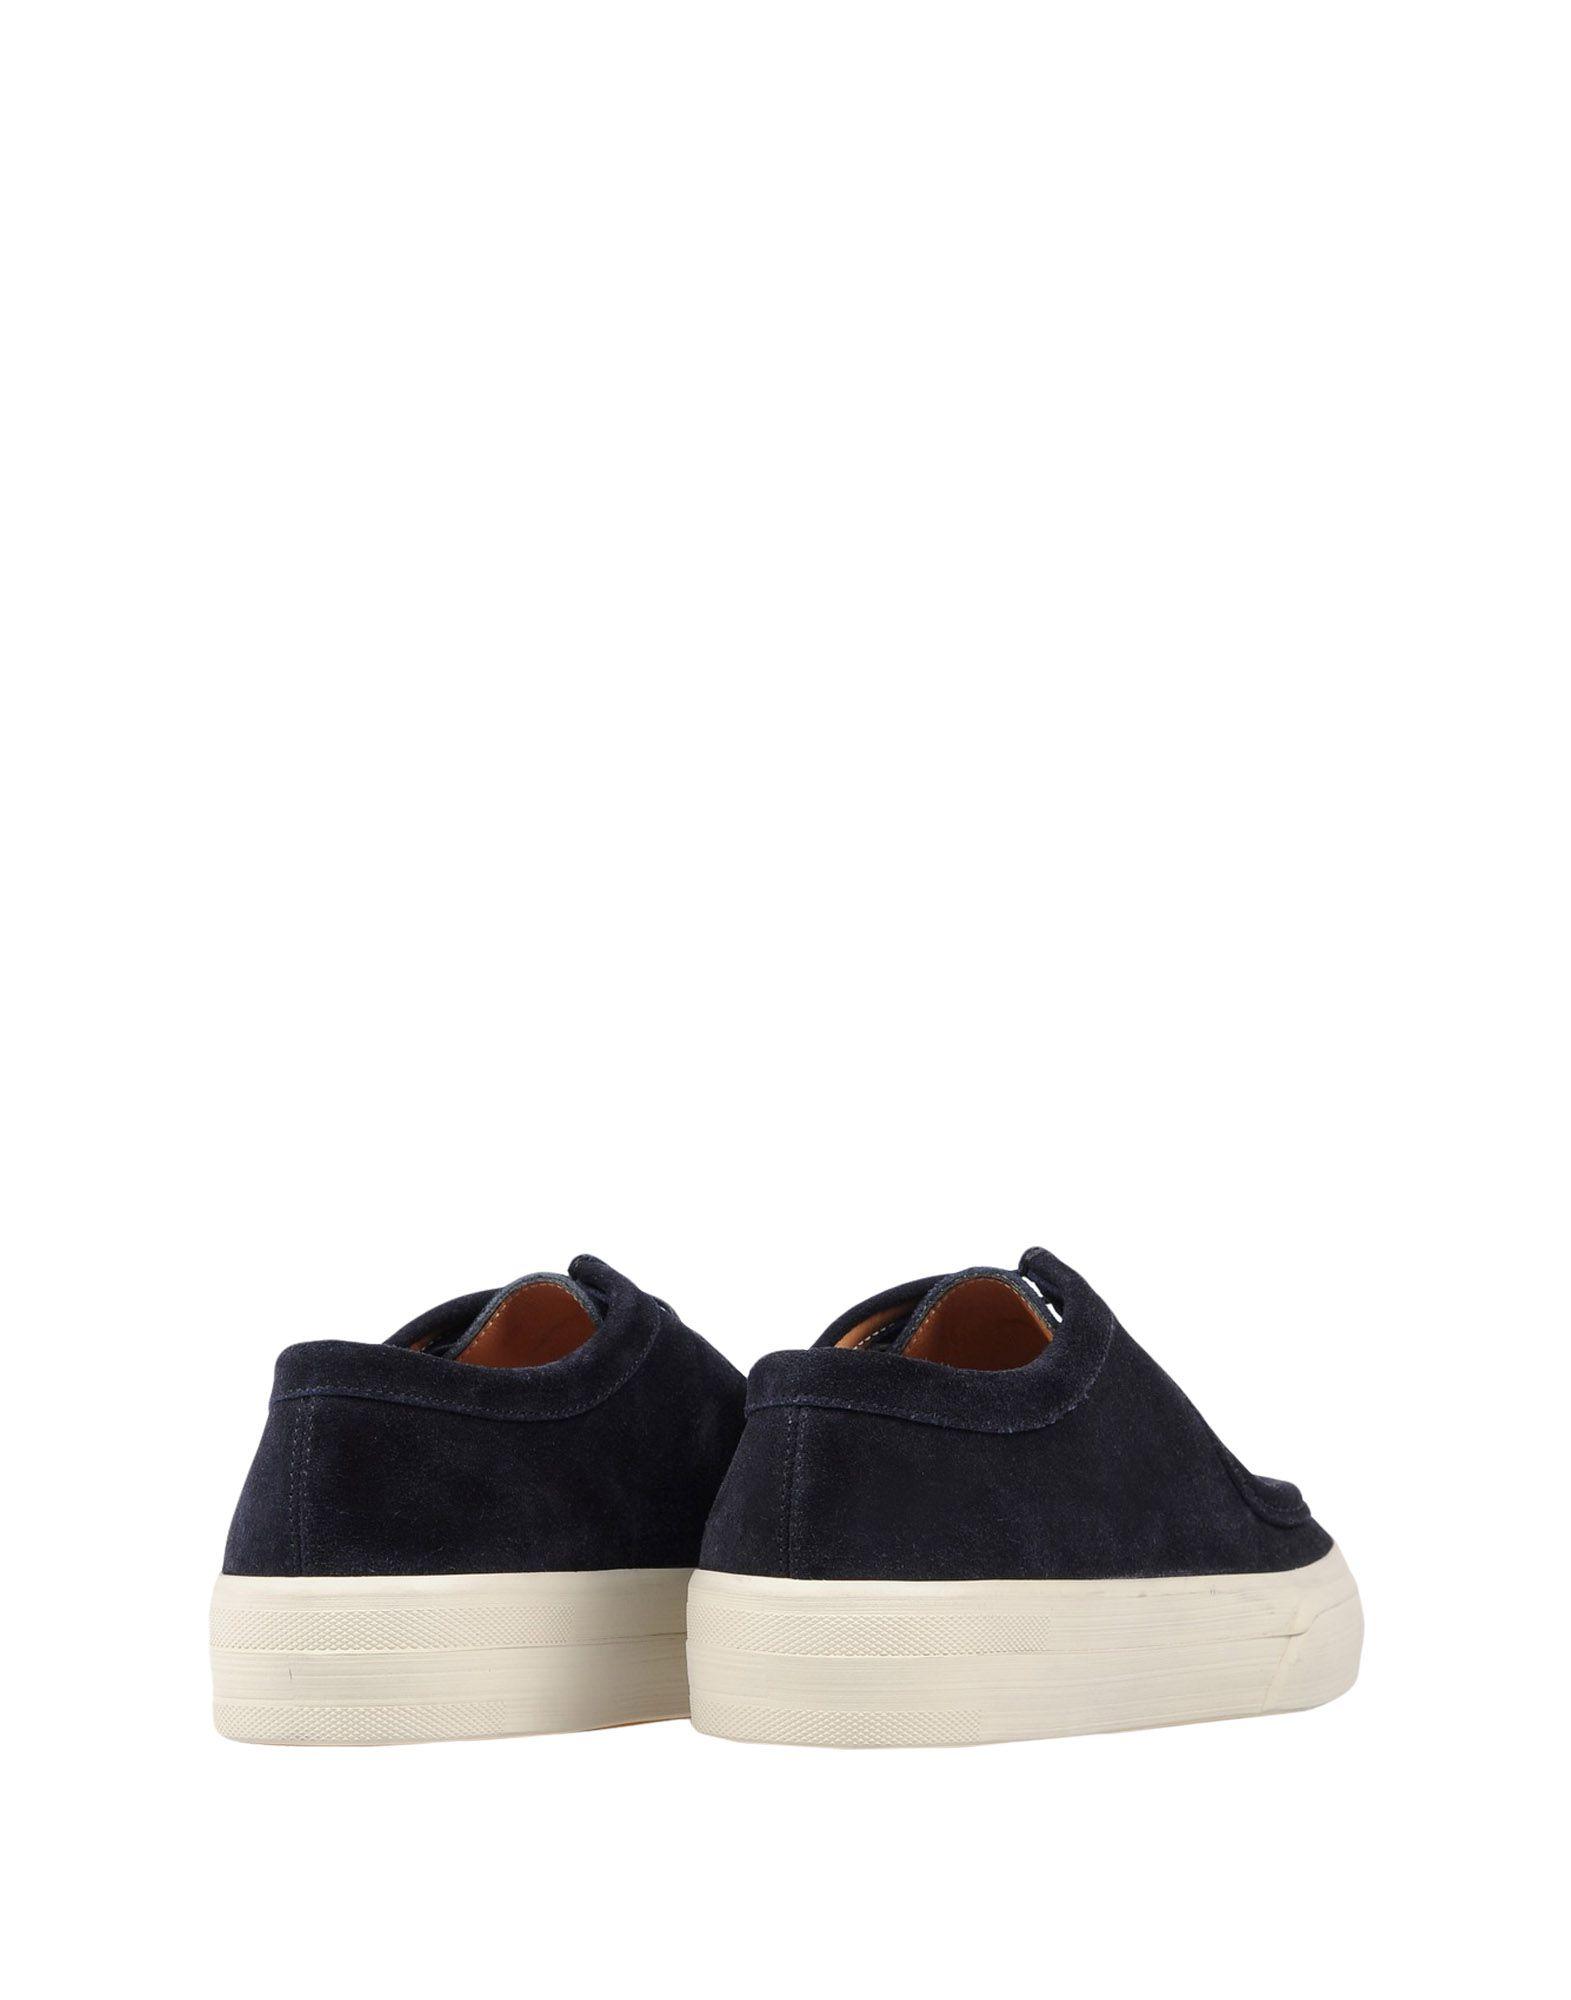 Dries Van Noten Sneakers Herren  Schuhe 11500190DS Gute Qualität beliebte Schuhe  c44e48